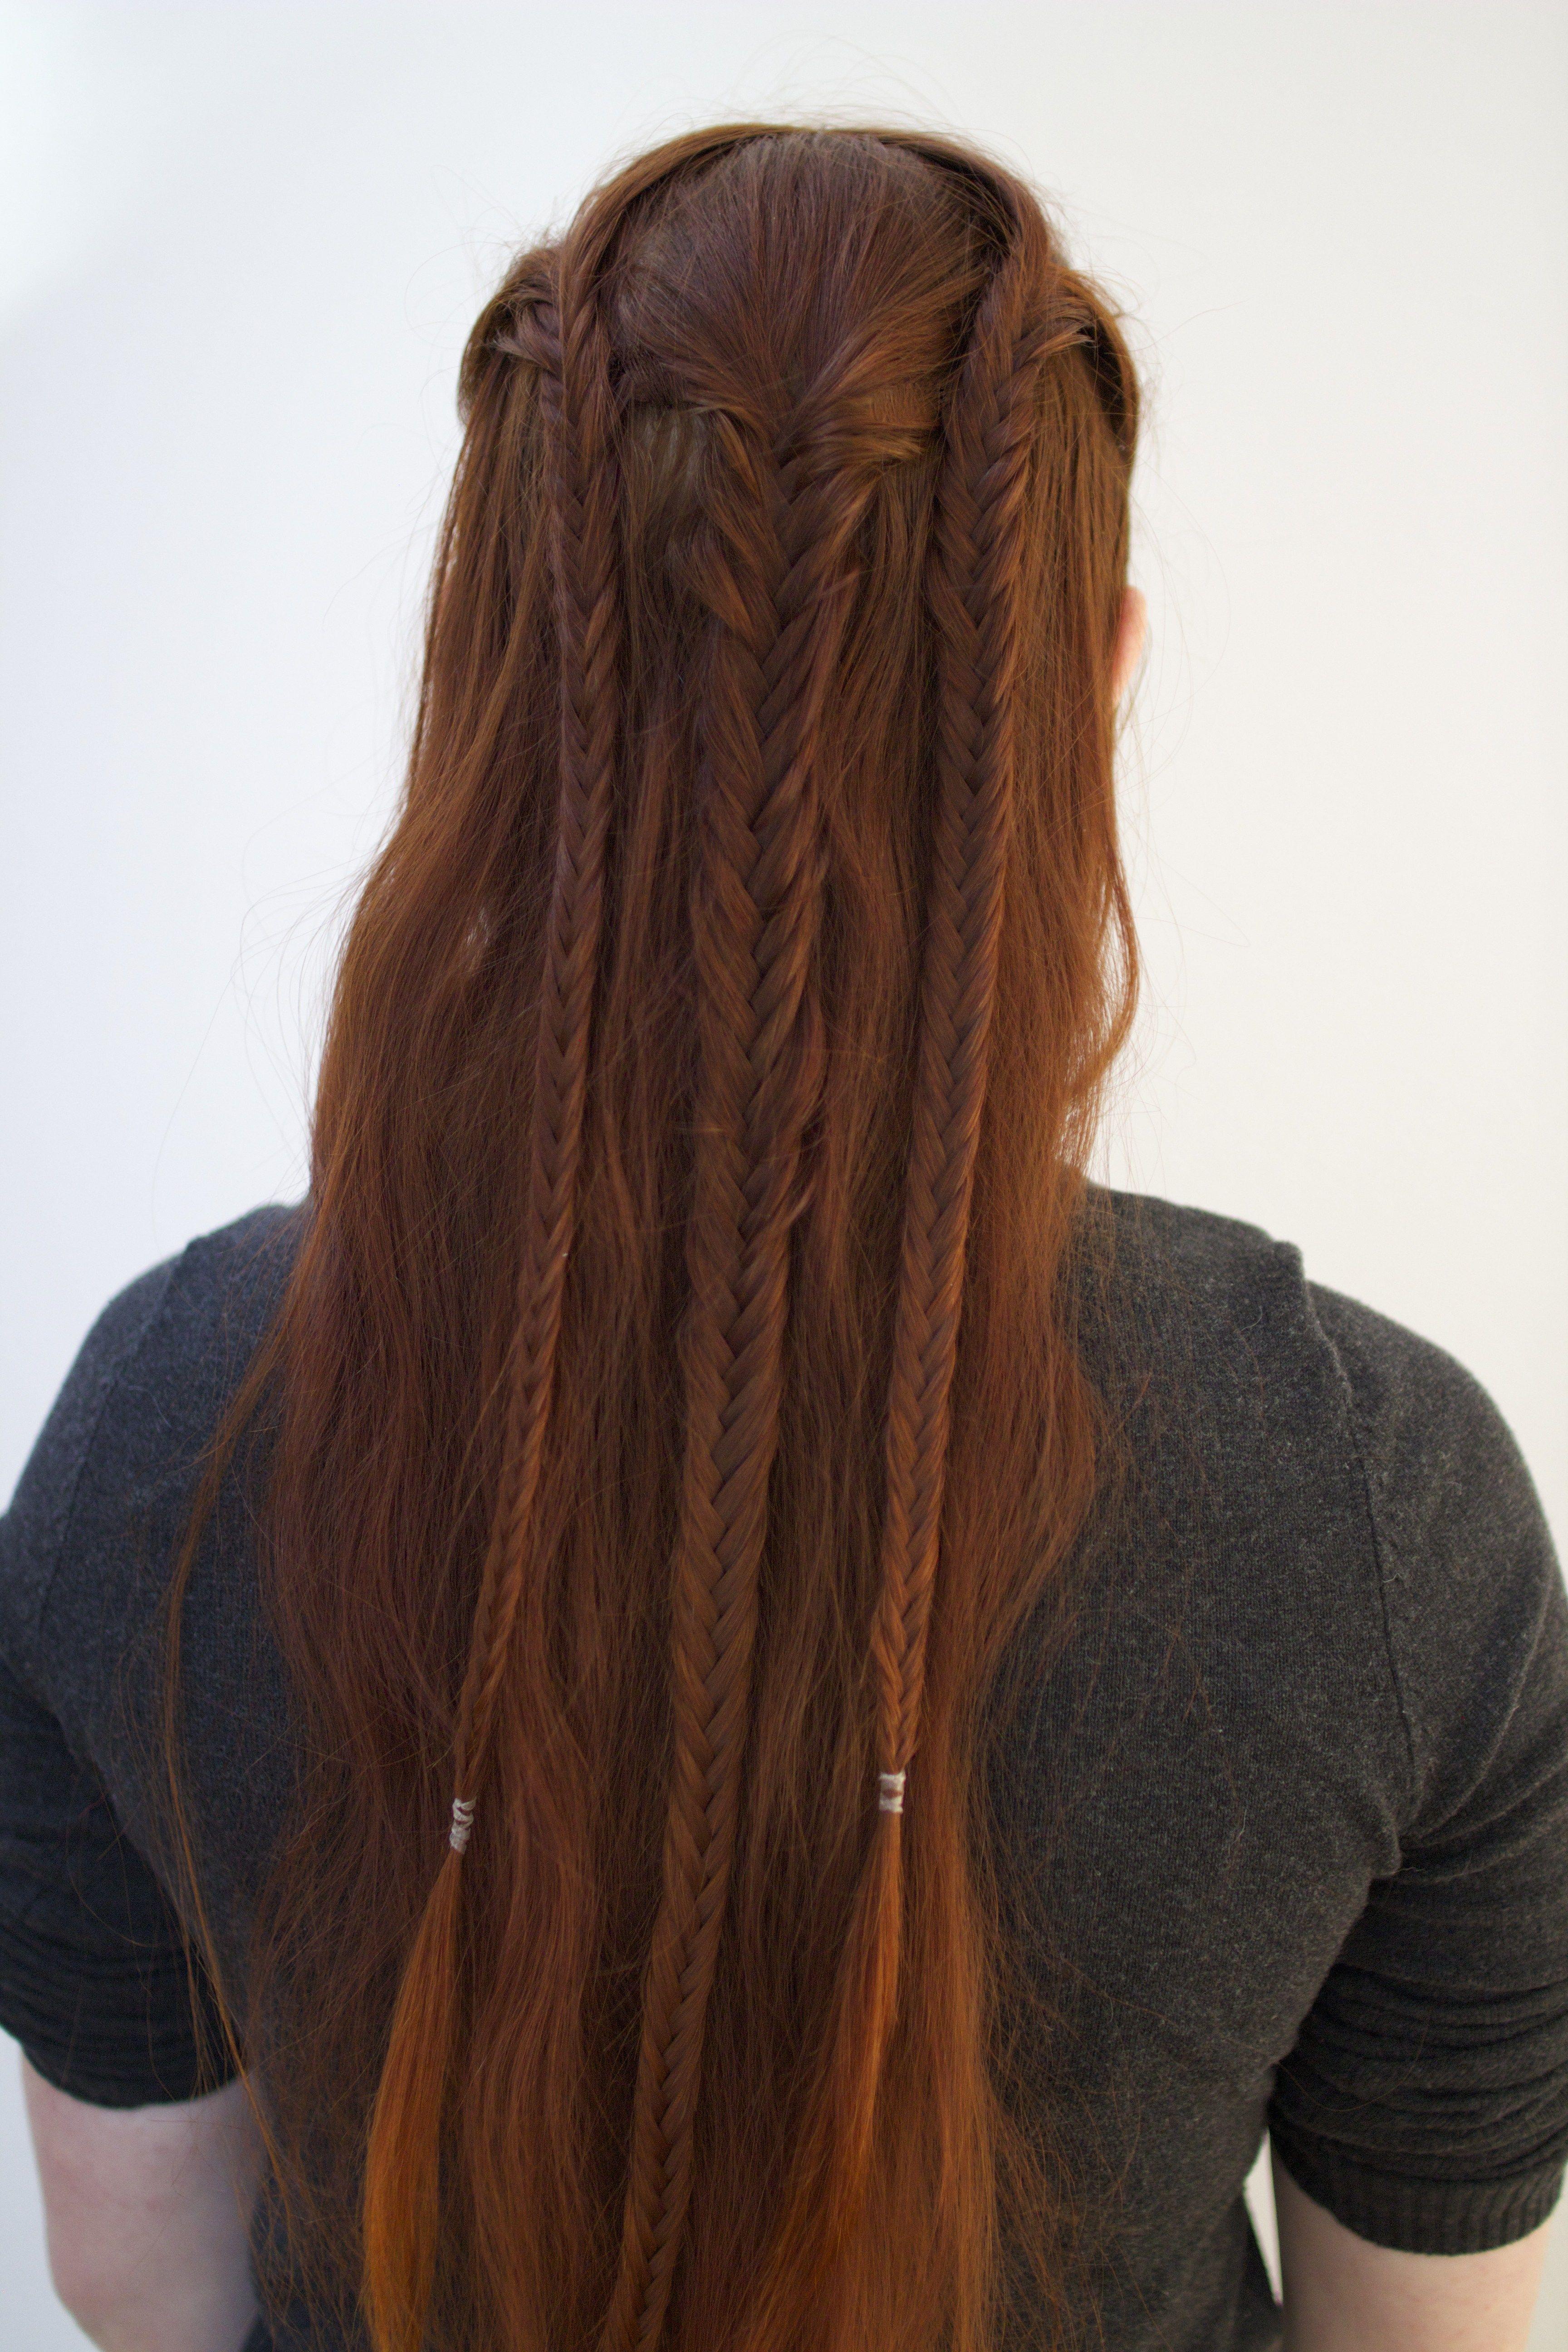 Arwen Braided Hairstyle CelticMedievalFantasy Hair